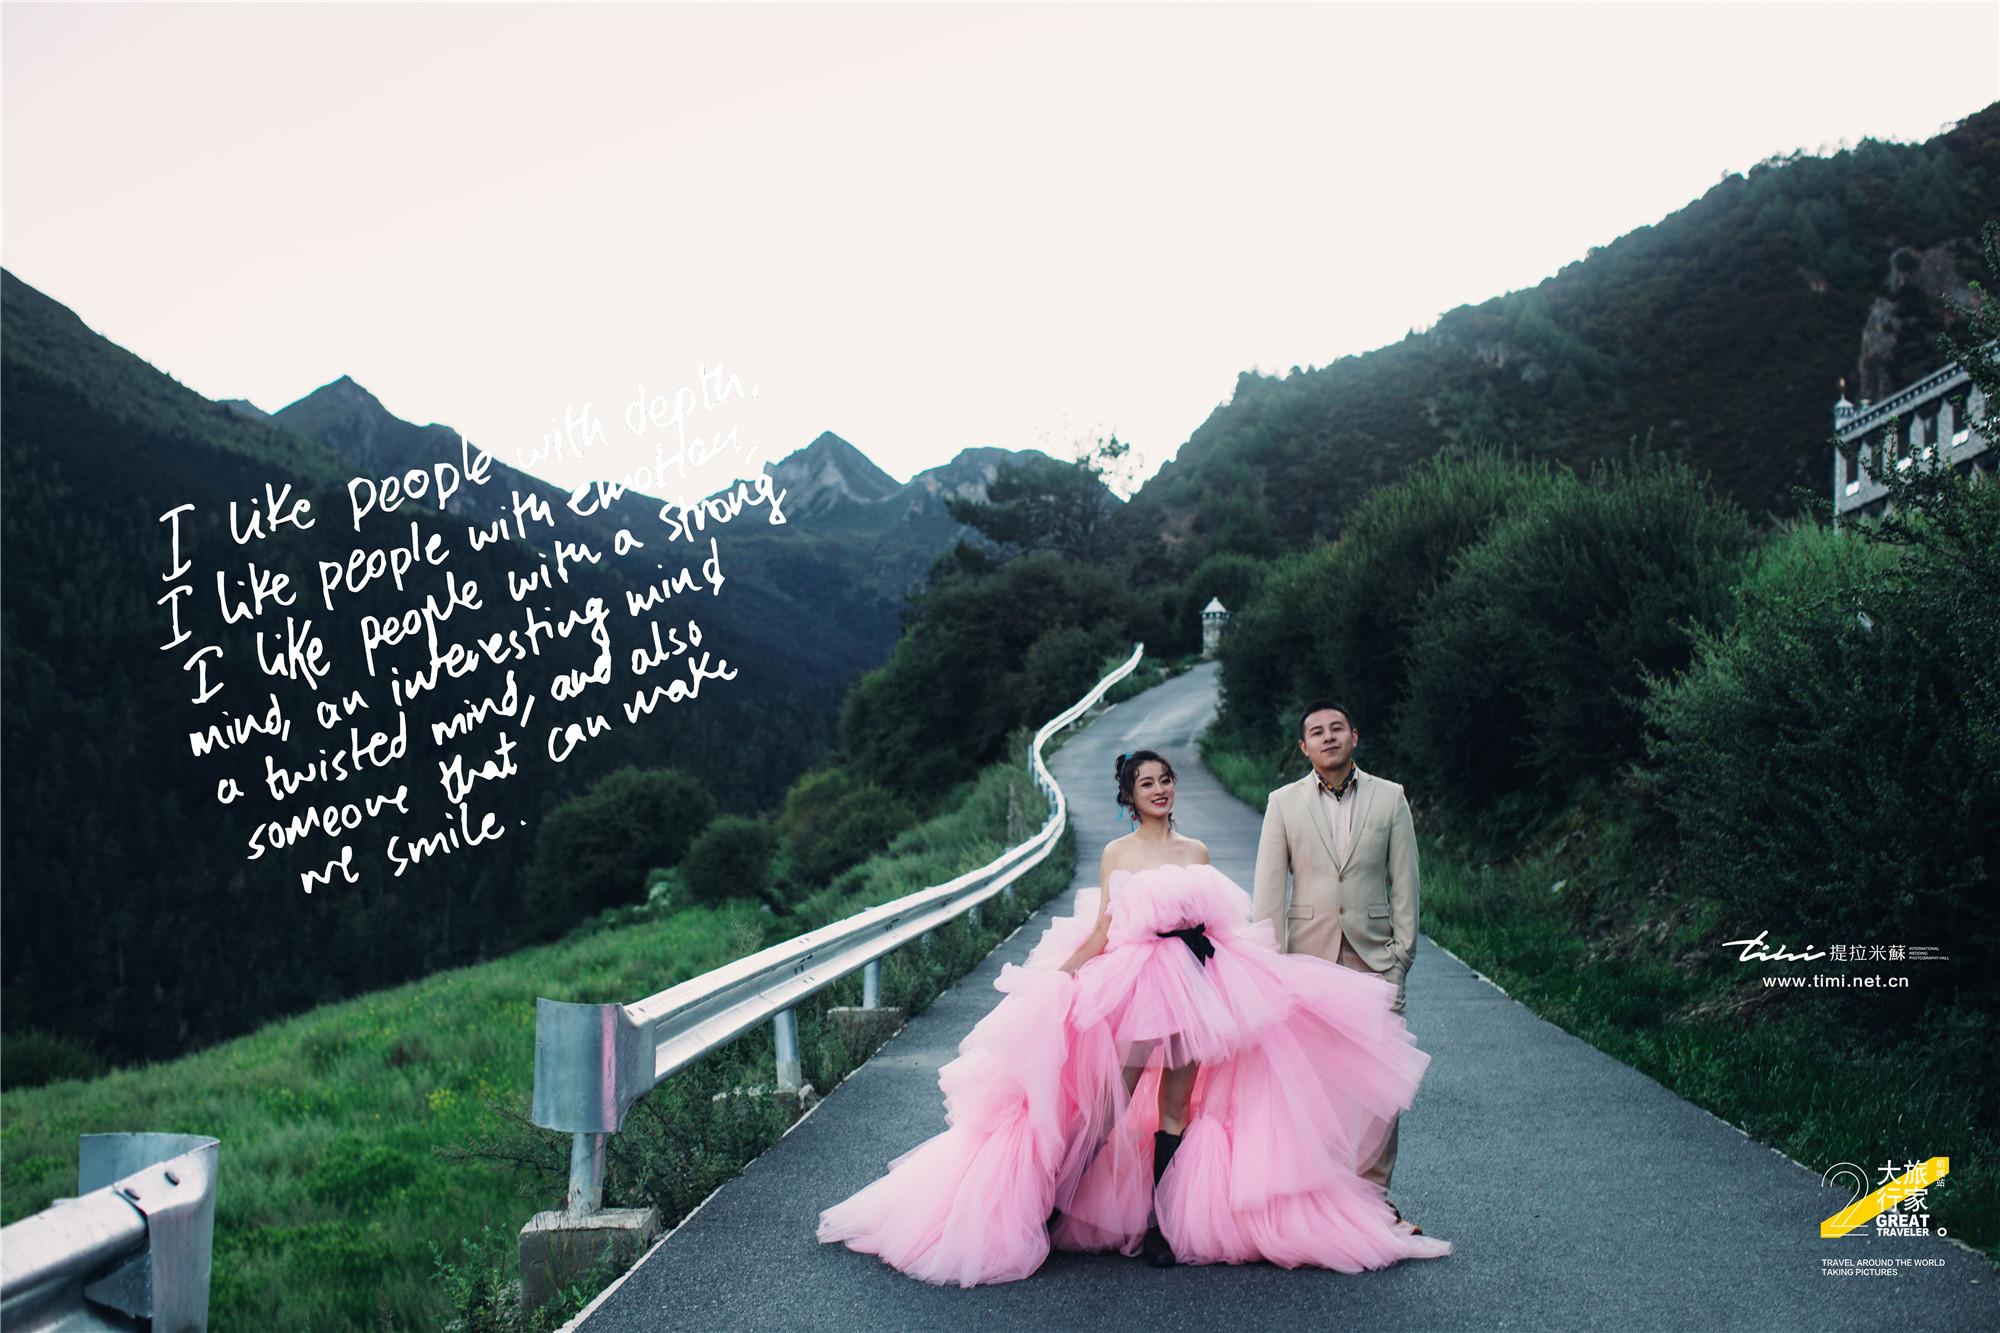 稻城亚丁拍婚纱照最佳的季节